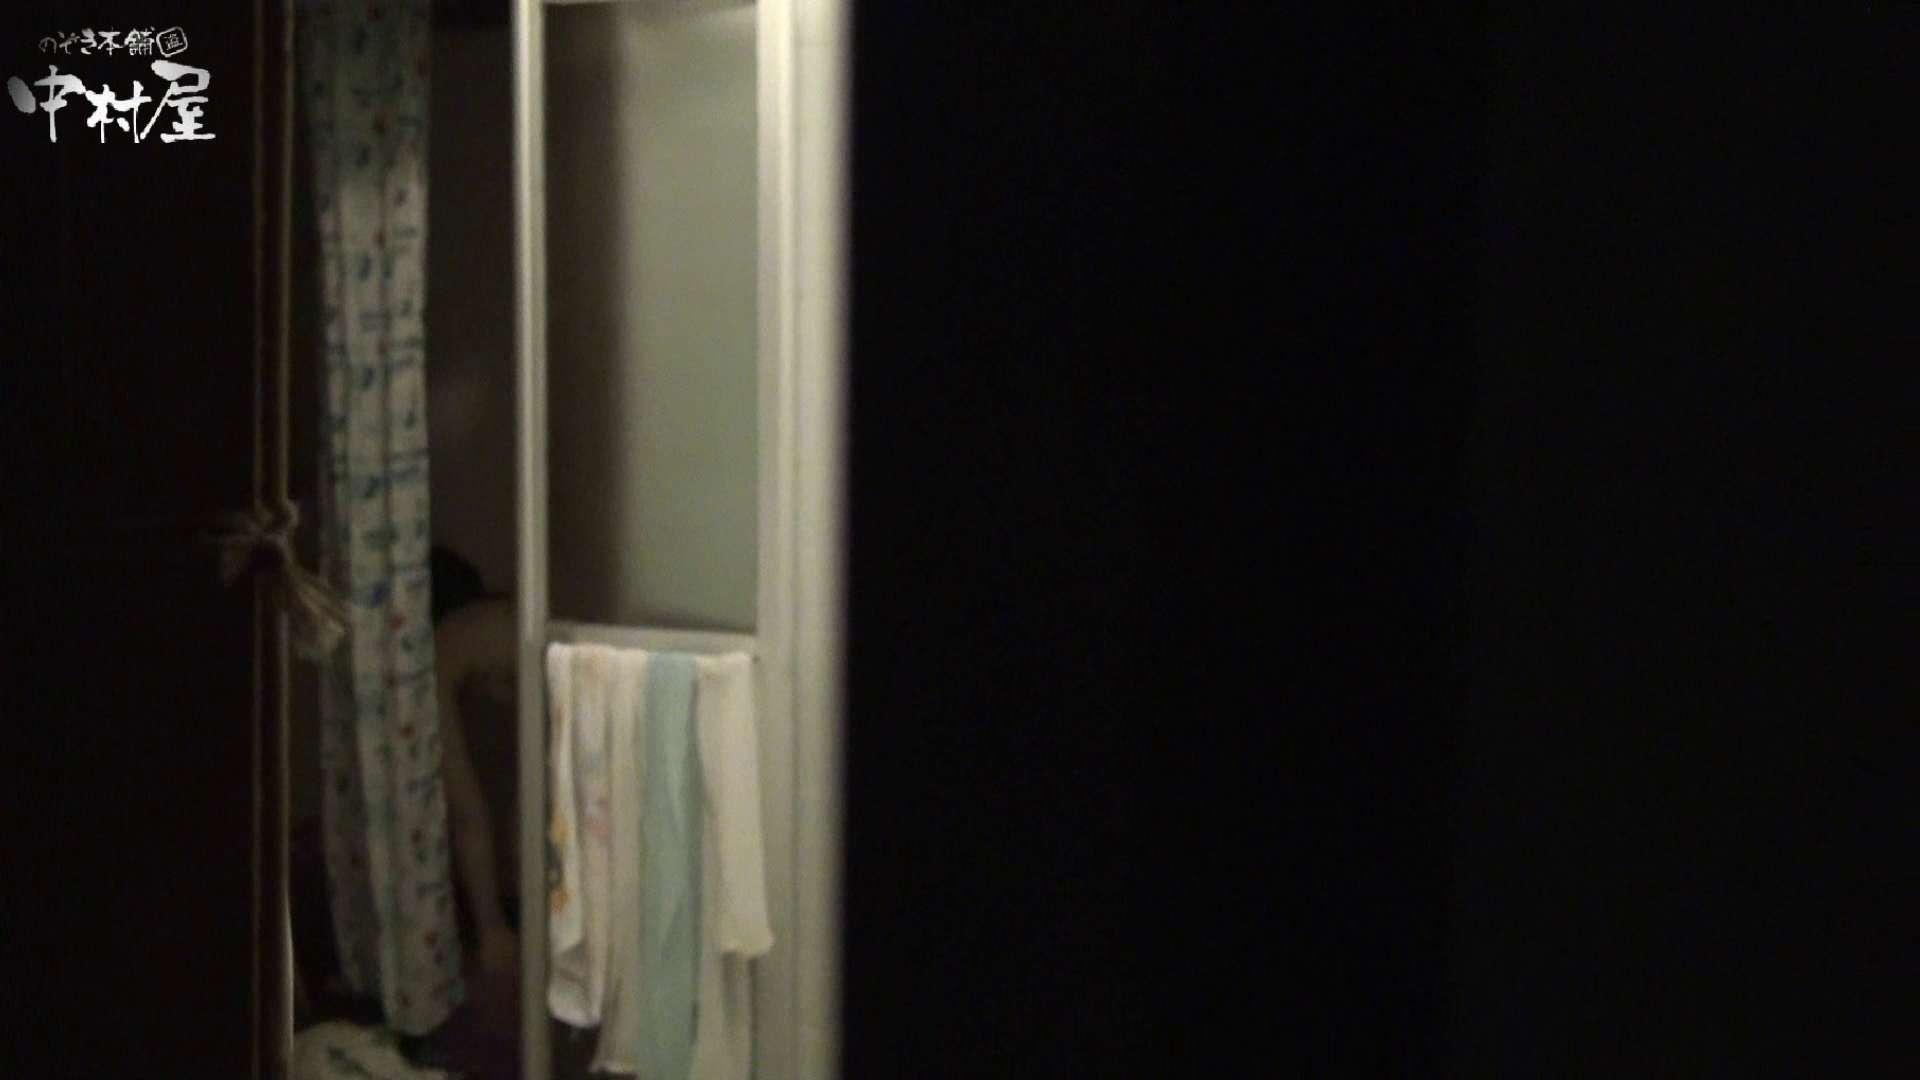 民家風呂専門盗撮師の超危険映像 vol.029 盗撮動画 おまんこ動画流出 11枚 7